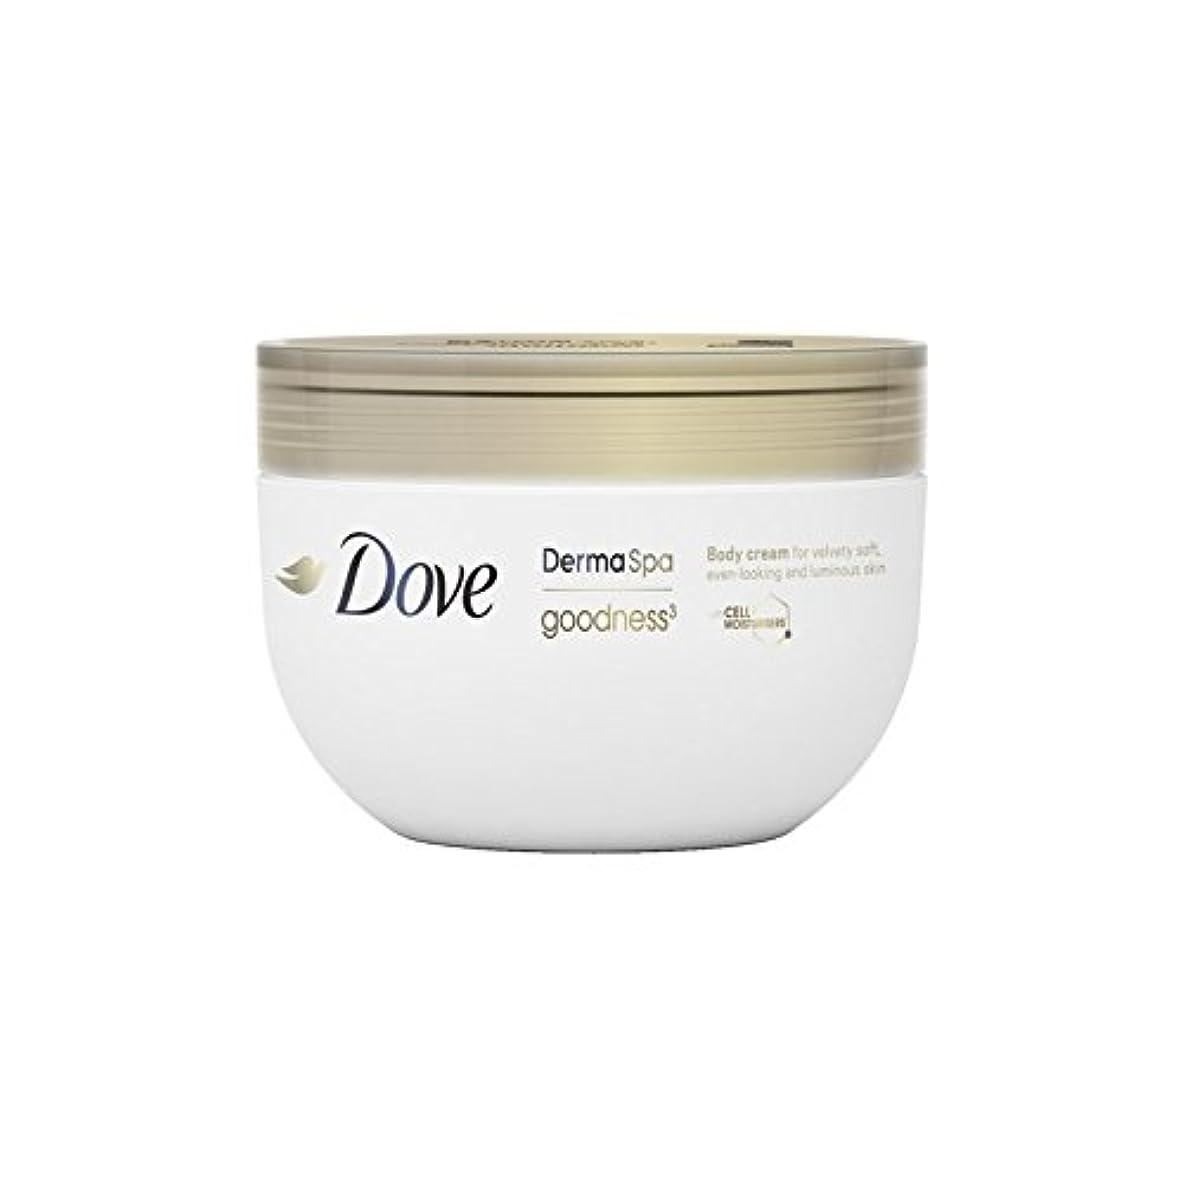 または世界に死んだ不完全な鳩の3ボディクリーム(300ミリリットル) x2 - Dove DermaSpa Goodness3 Body Cream (300ml) (Pack of 2) [並行輸入品]